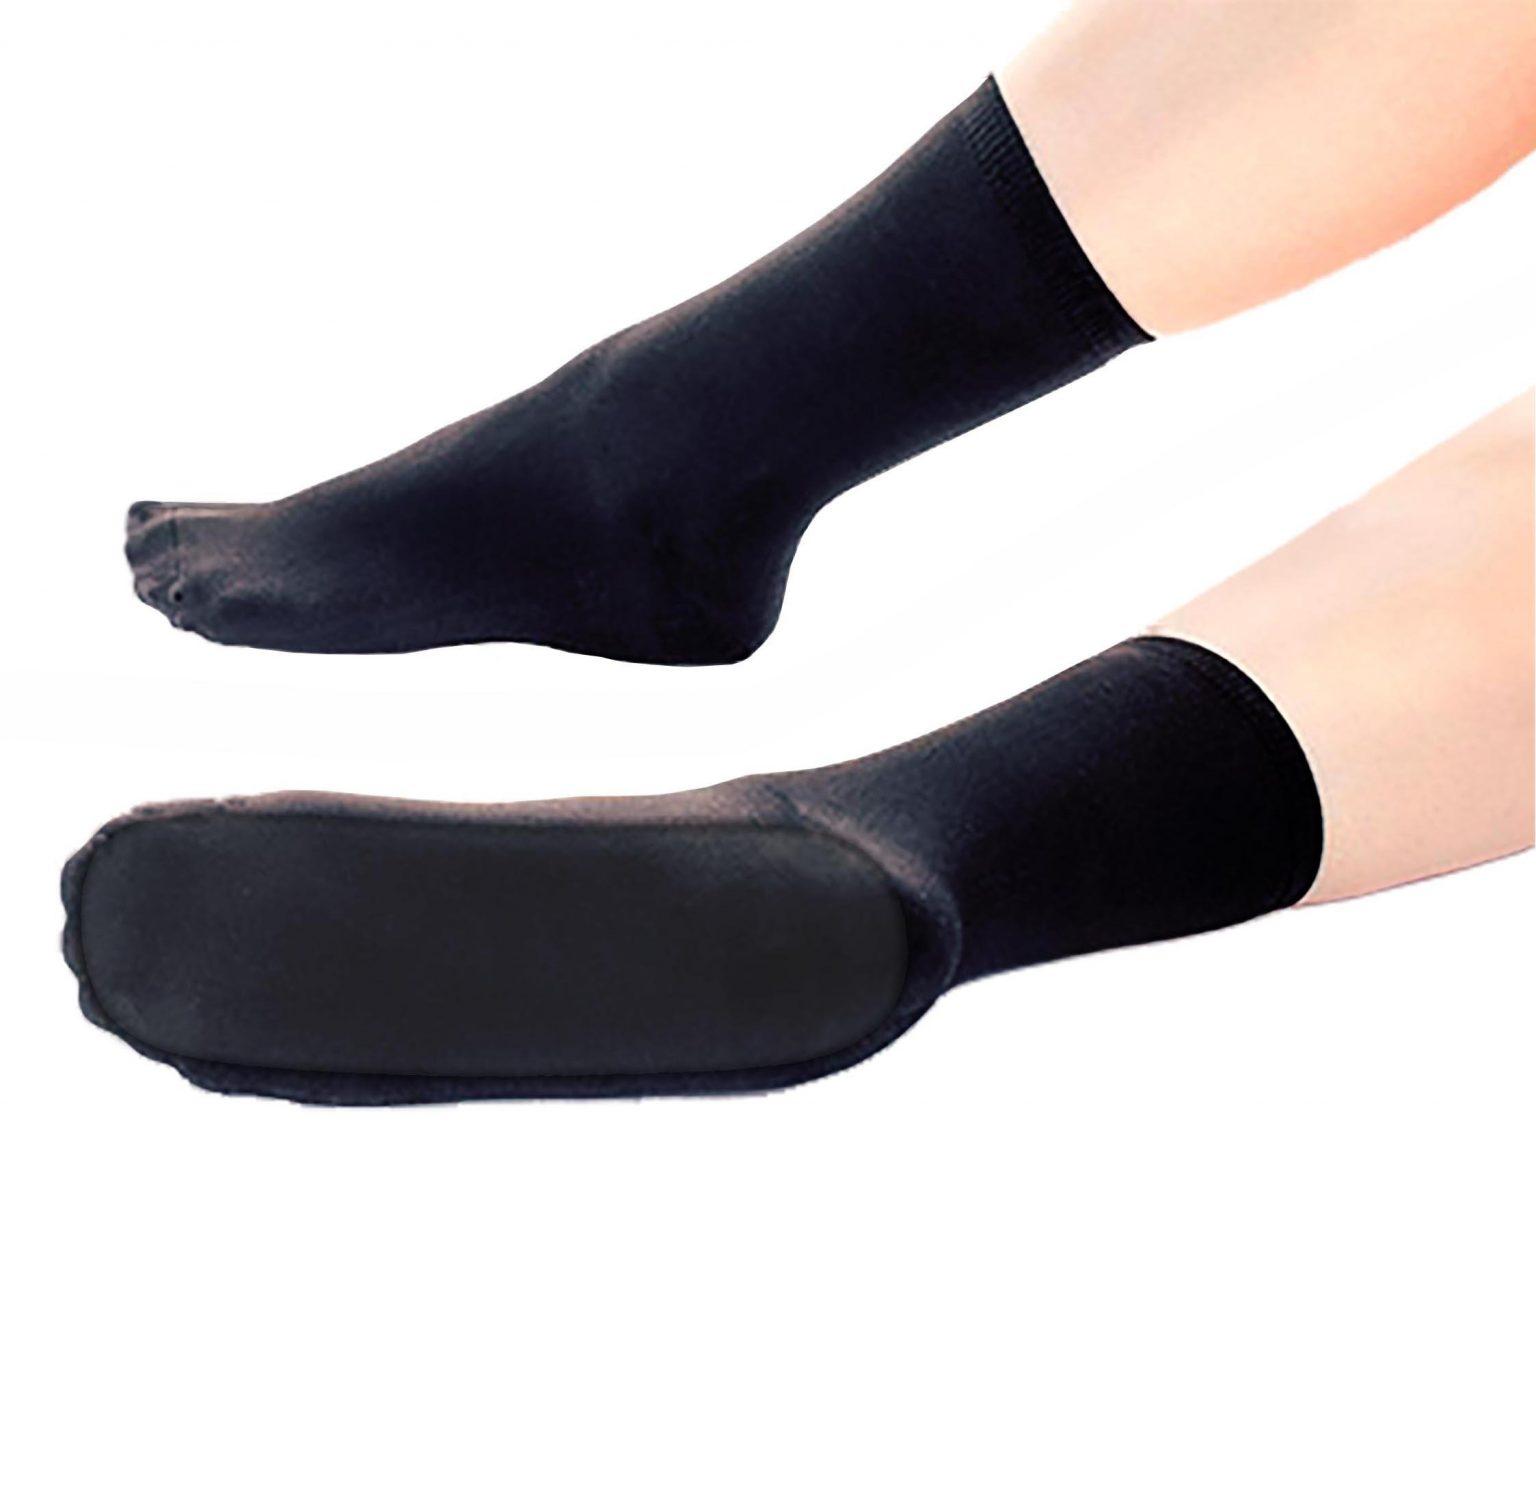 κάλτσες νευροπάθειας